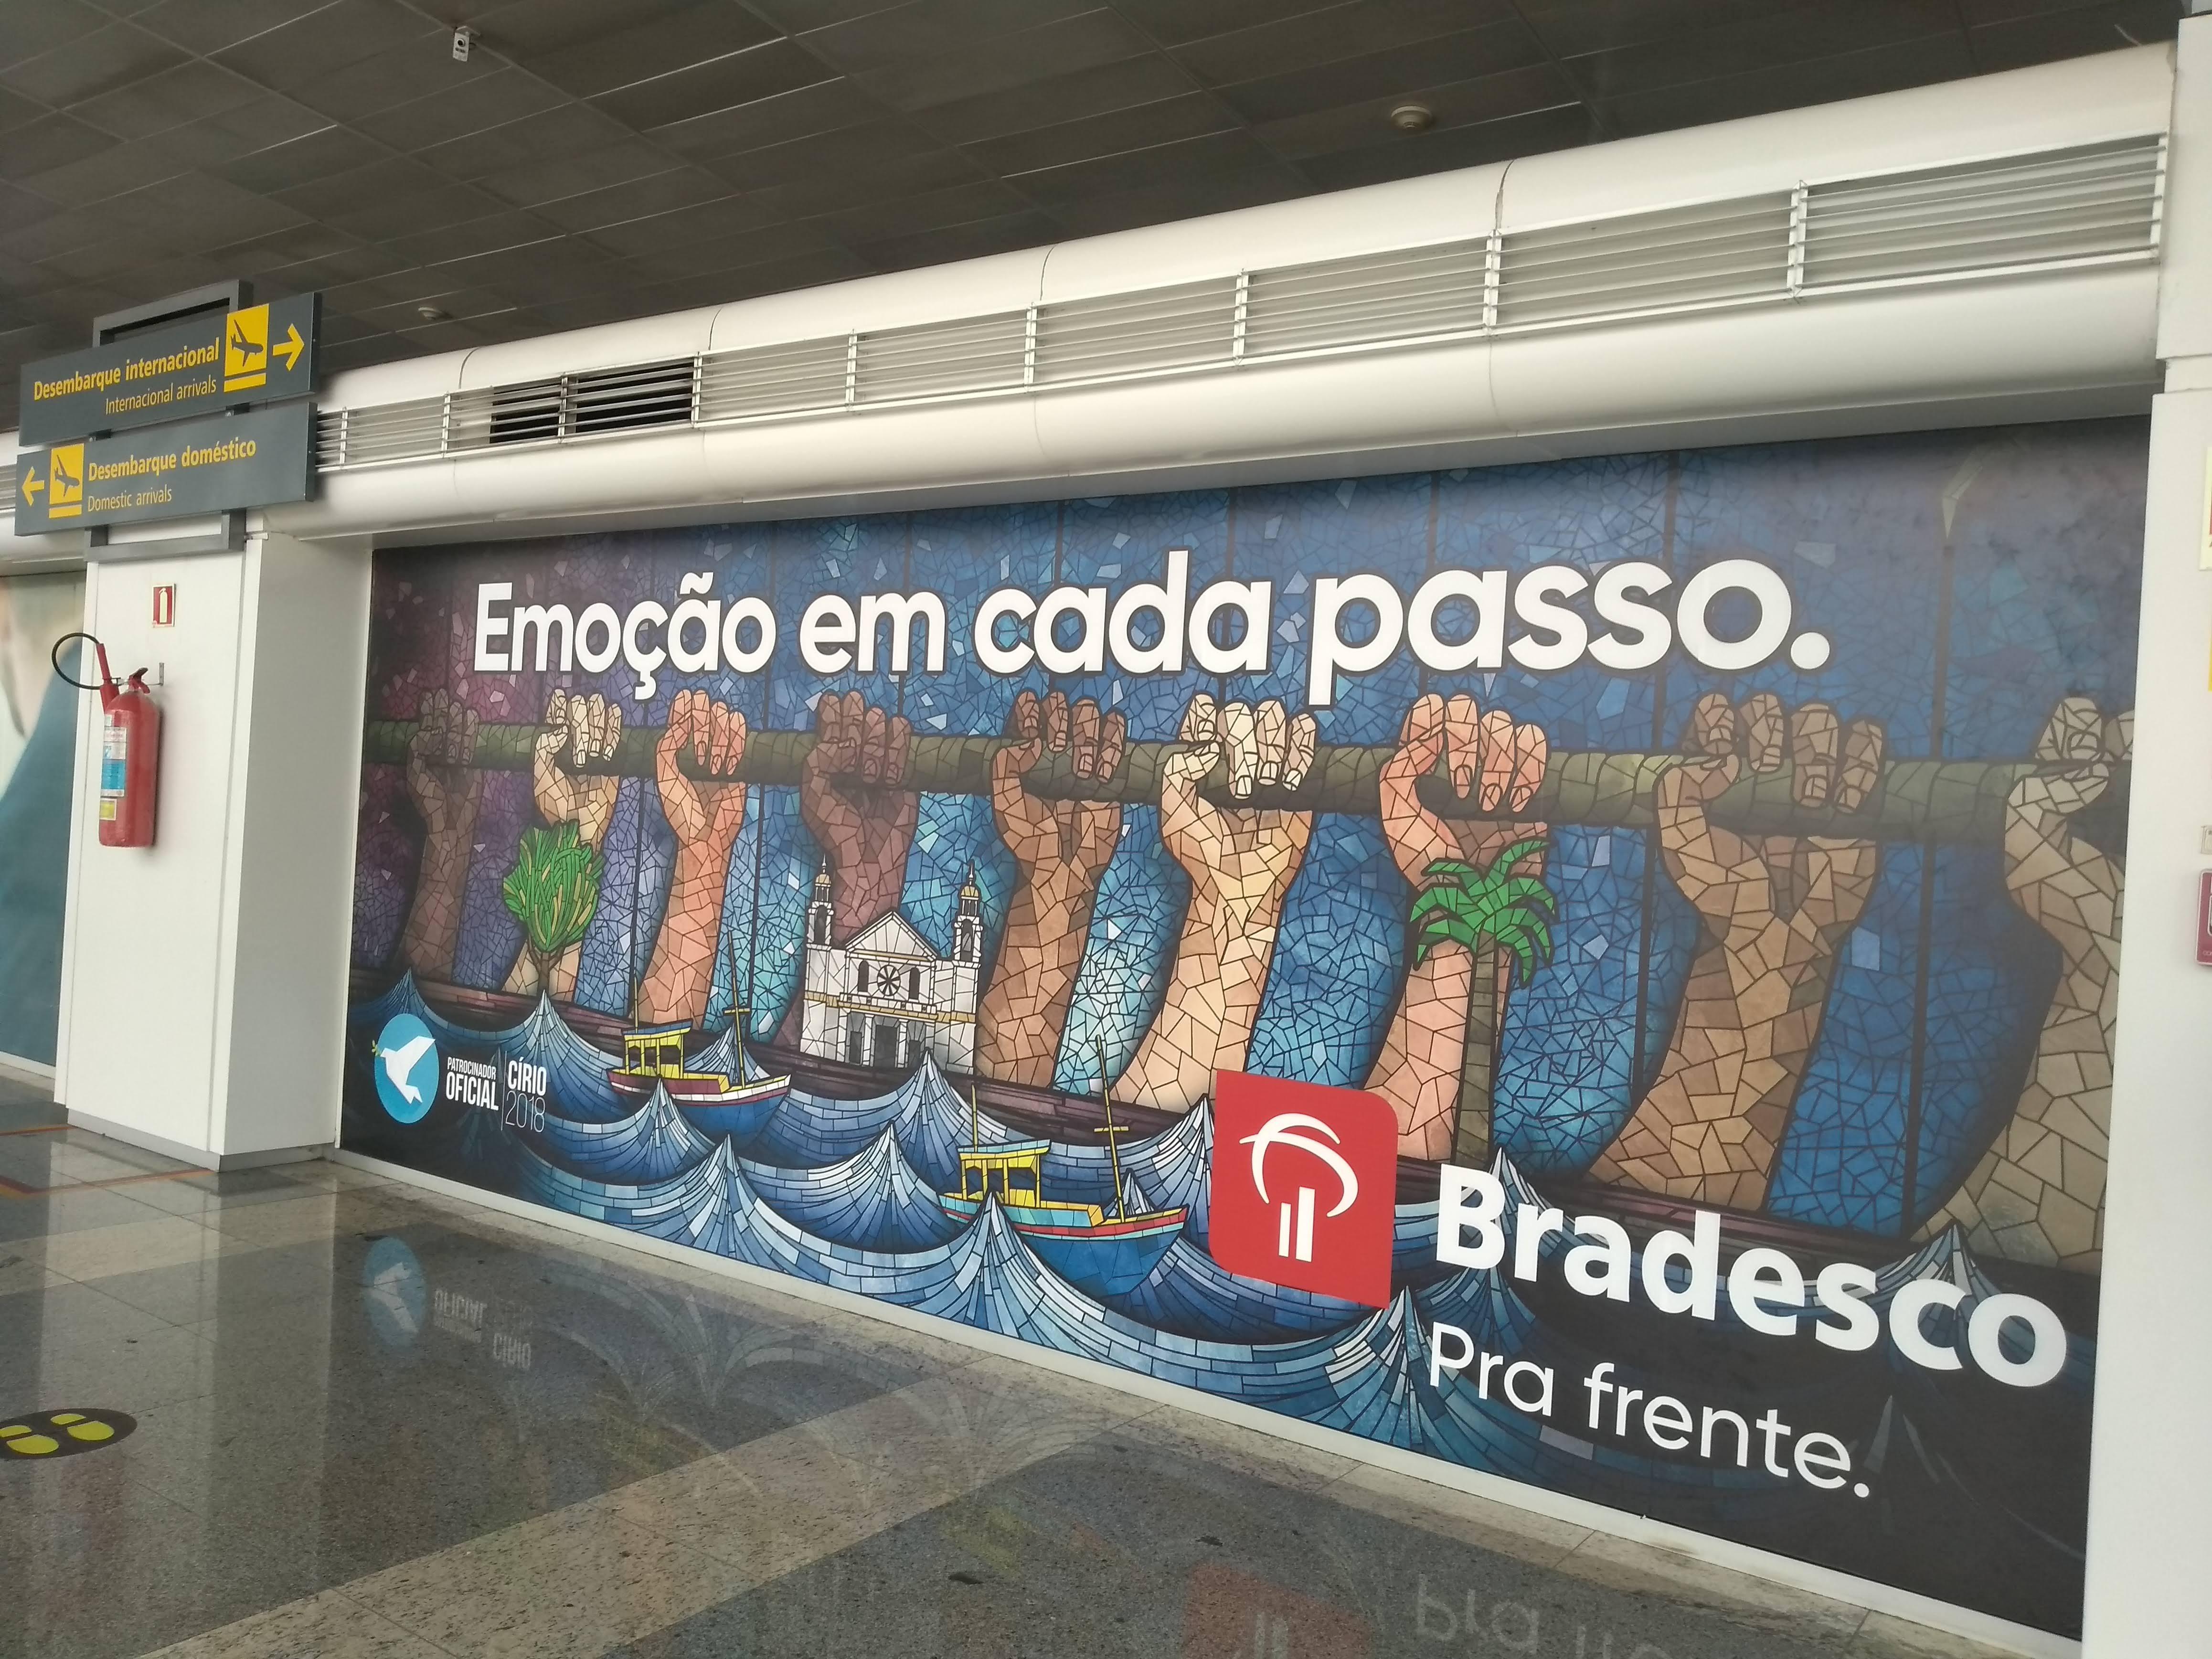 Nossos clientes estão arrasando no aeroporto de Belém!